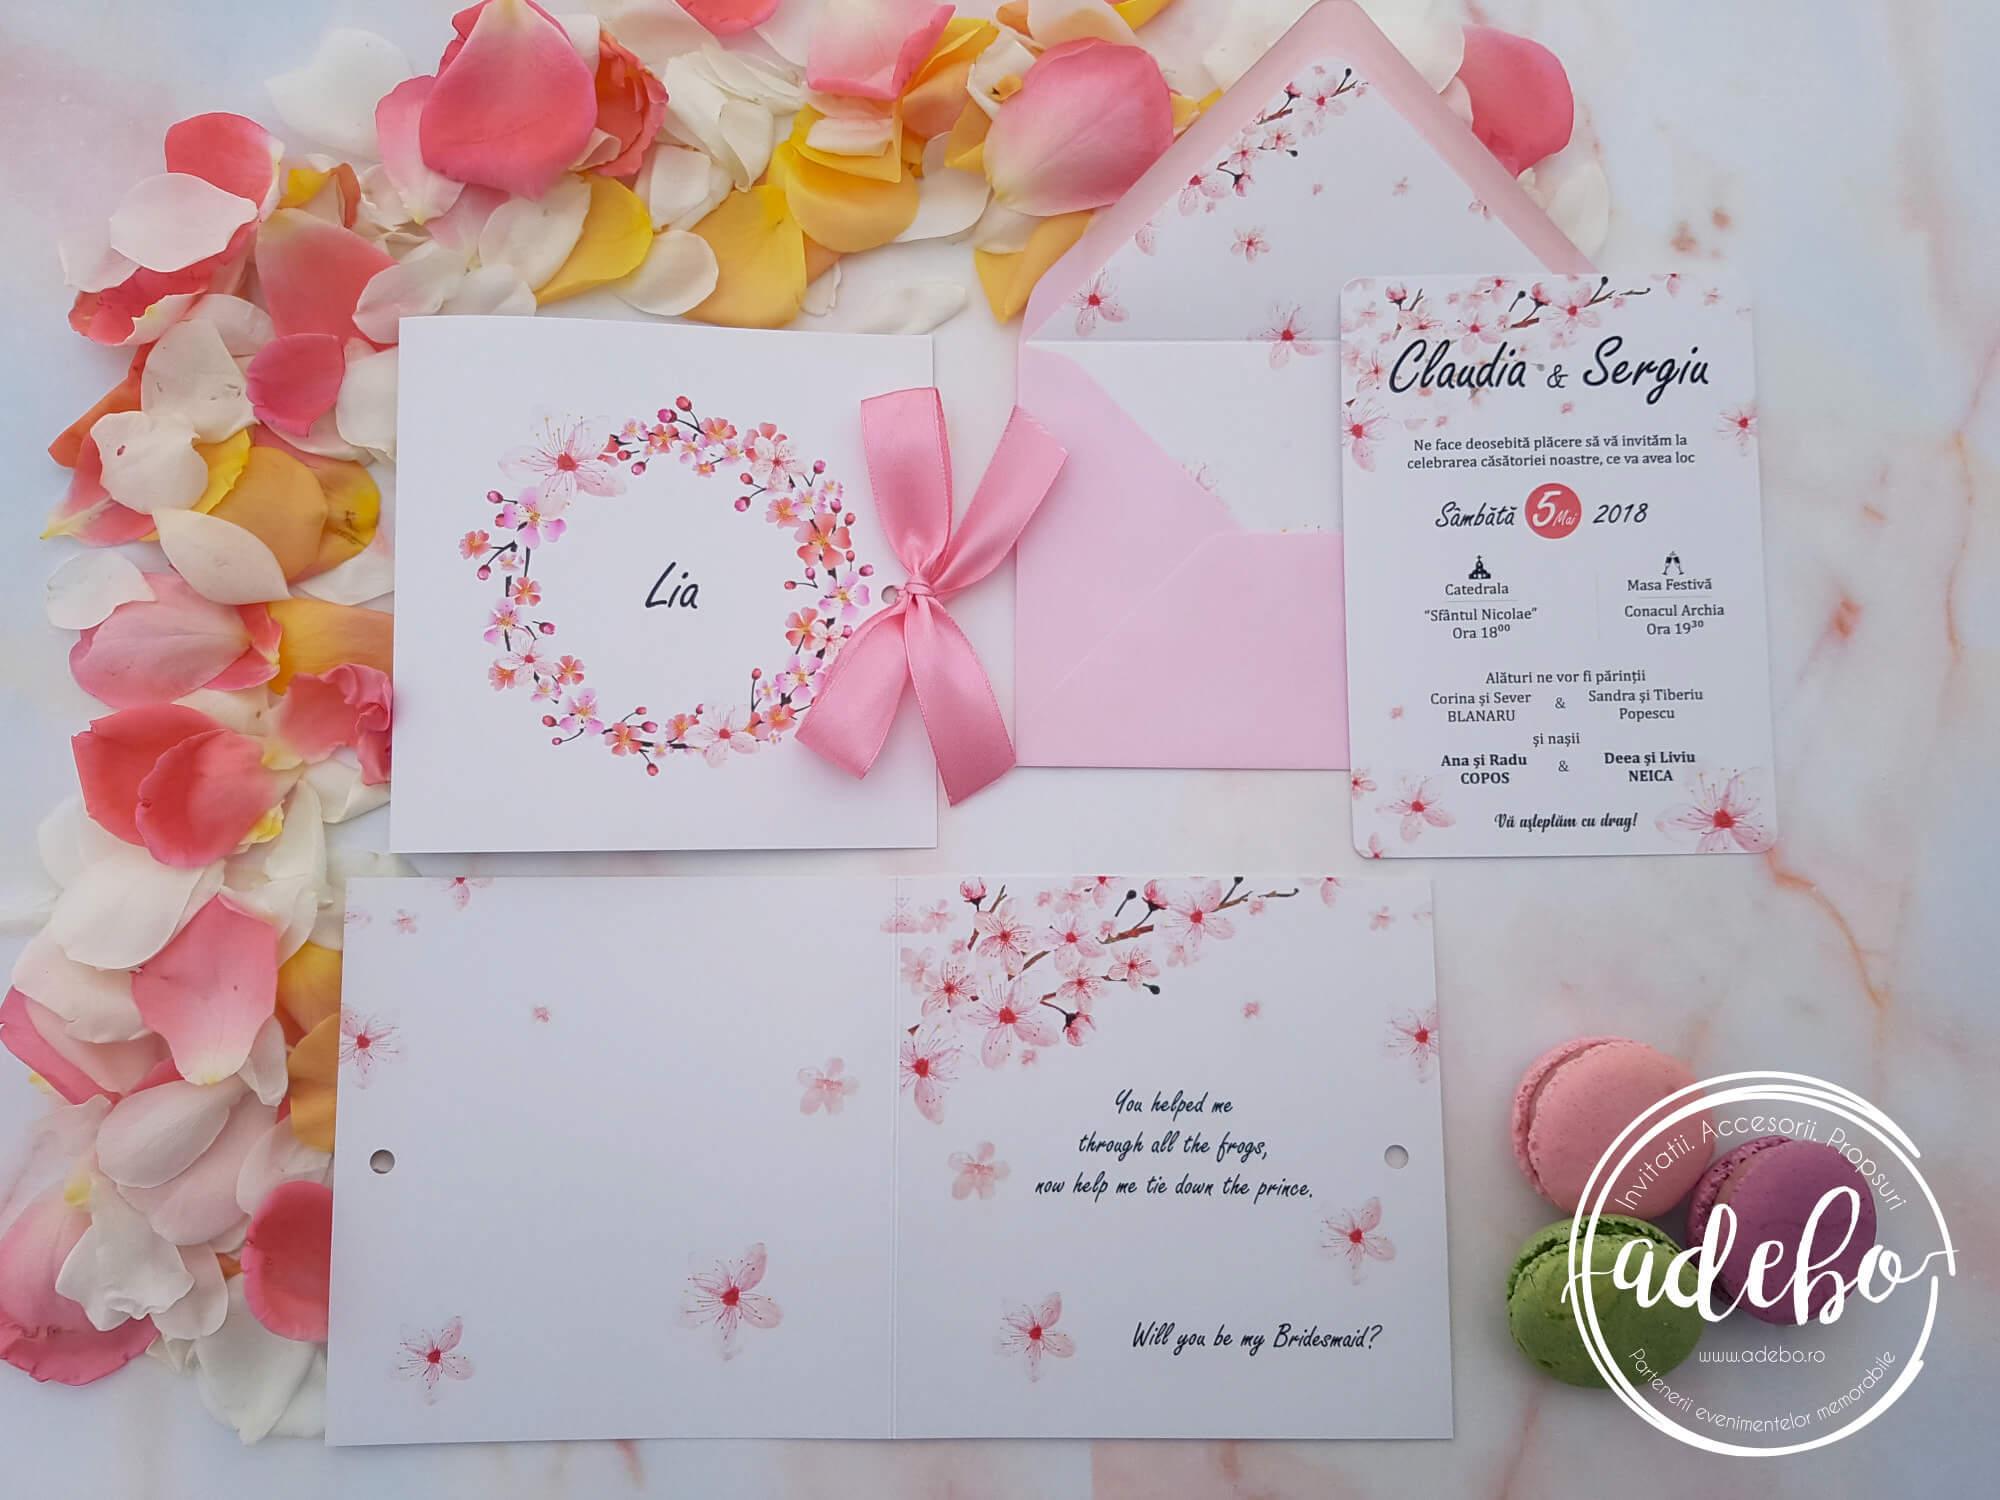 Invitatie Nunta Flori De Cires Invitatii Personalizate Invitatii